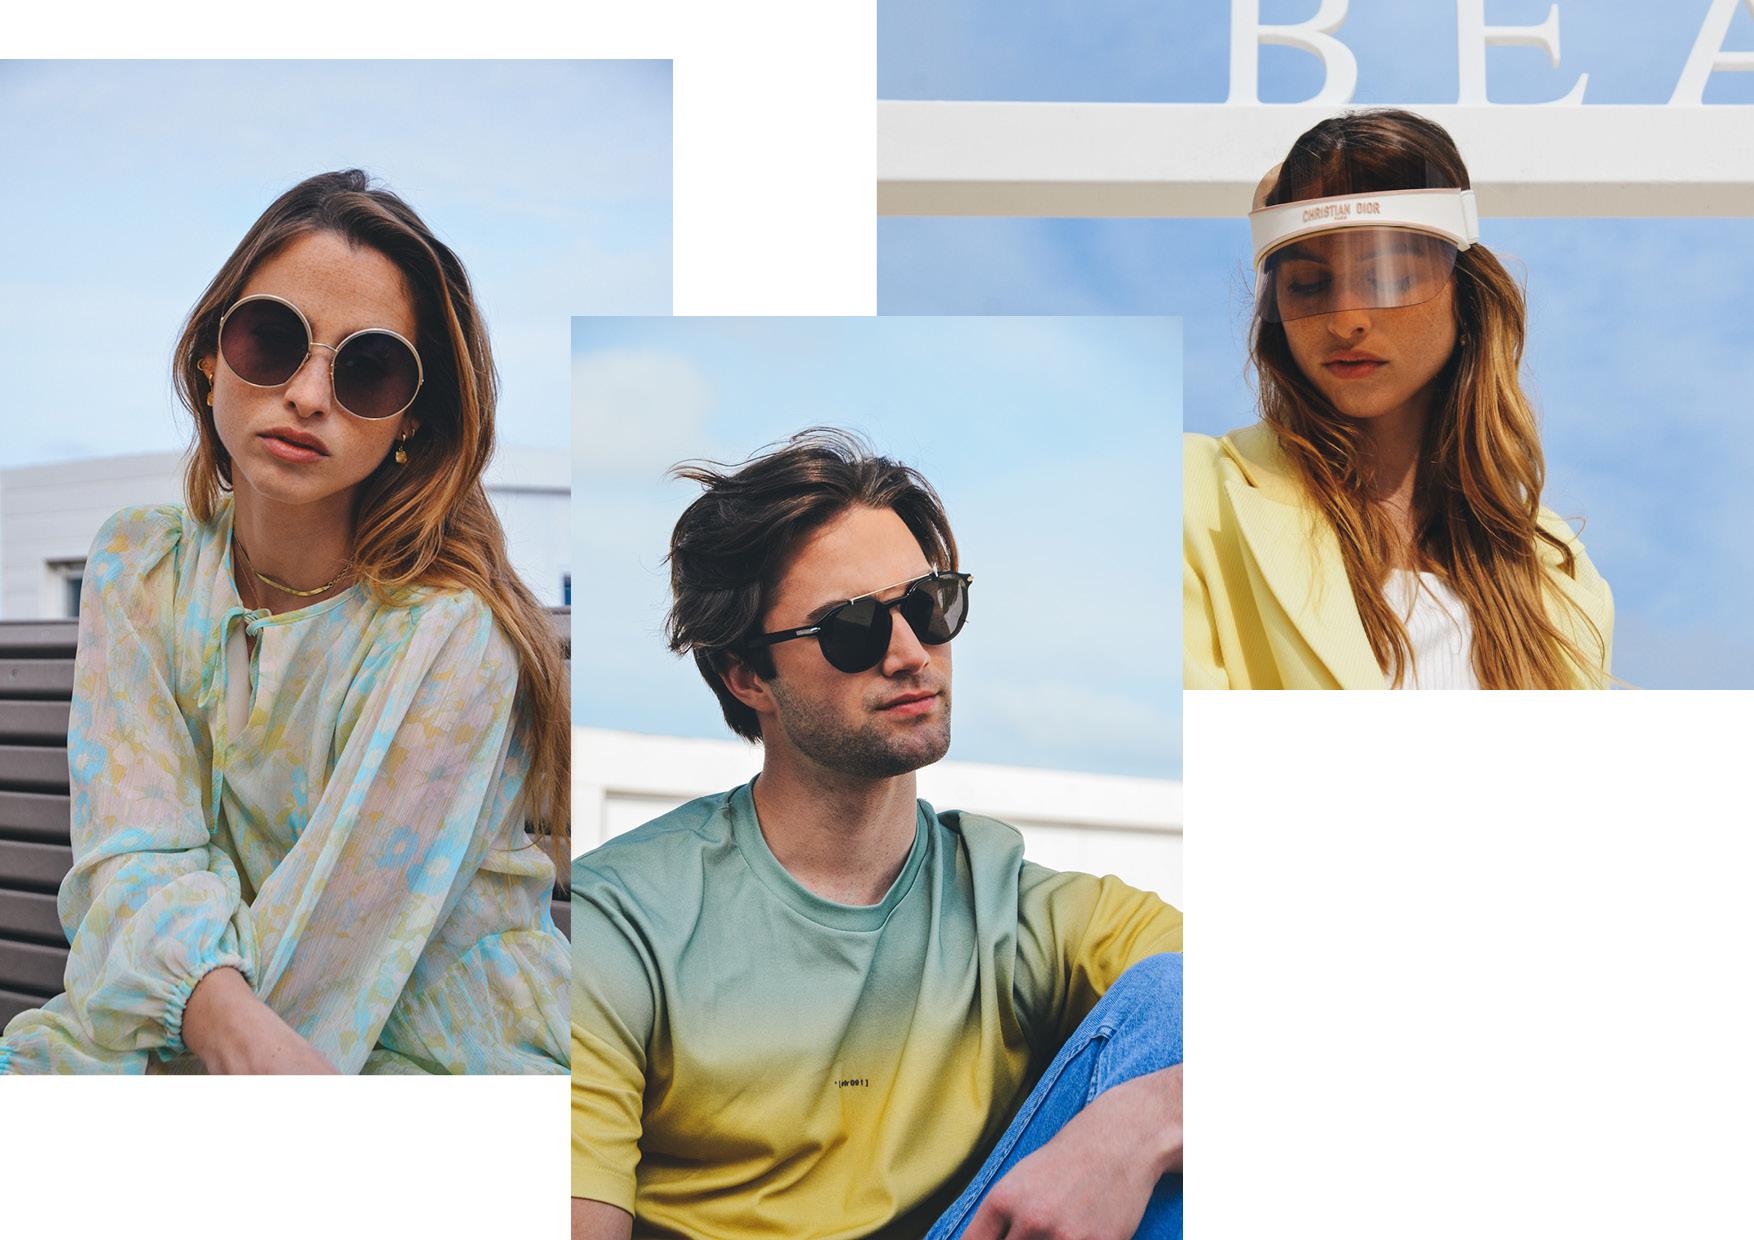 Dé musthave Dior zonnebrillen voor zomer 2021 - Optiek Lammerant